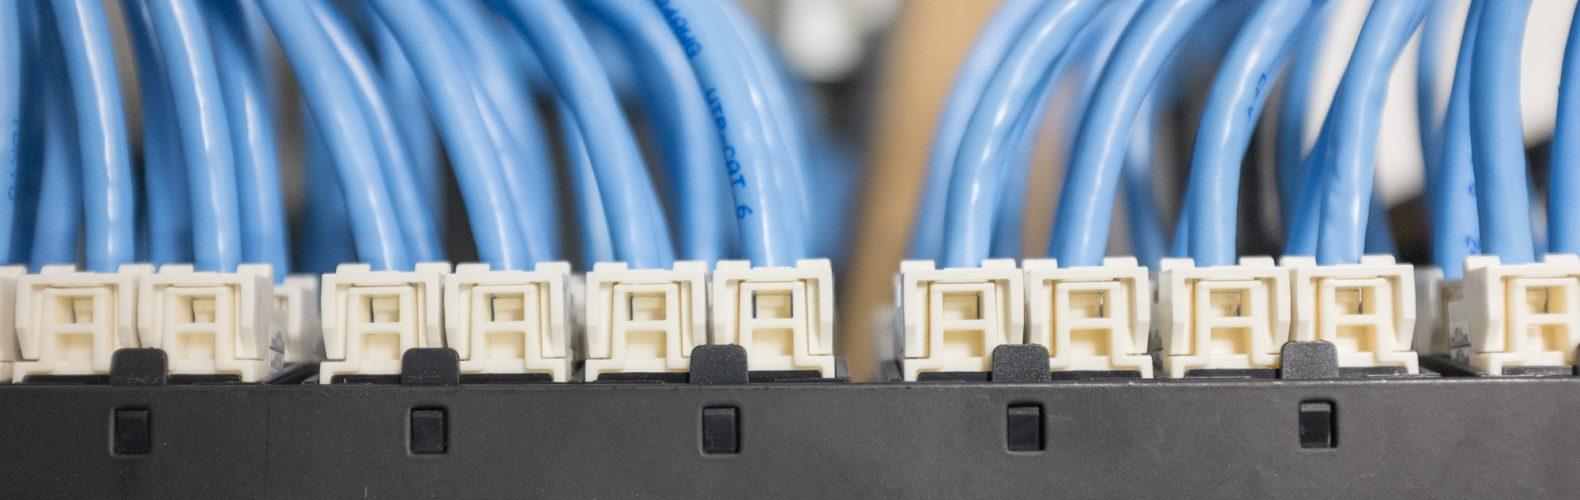 Network Repair